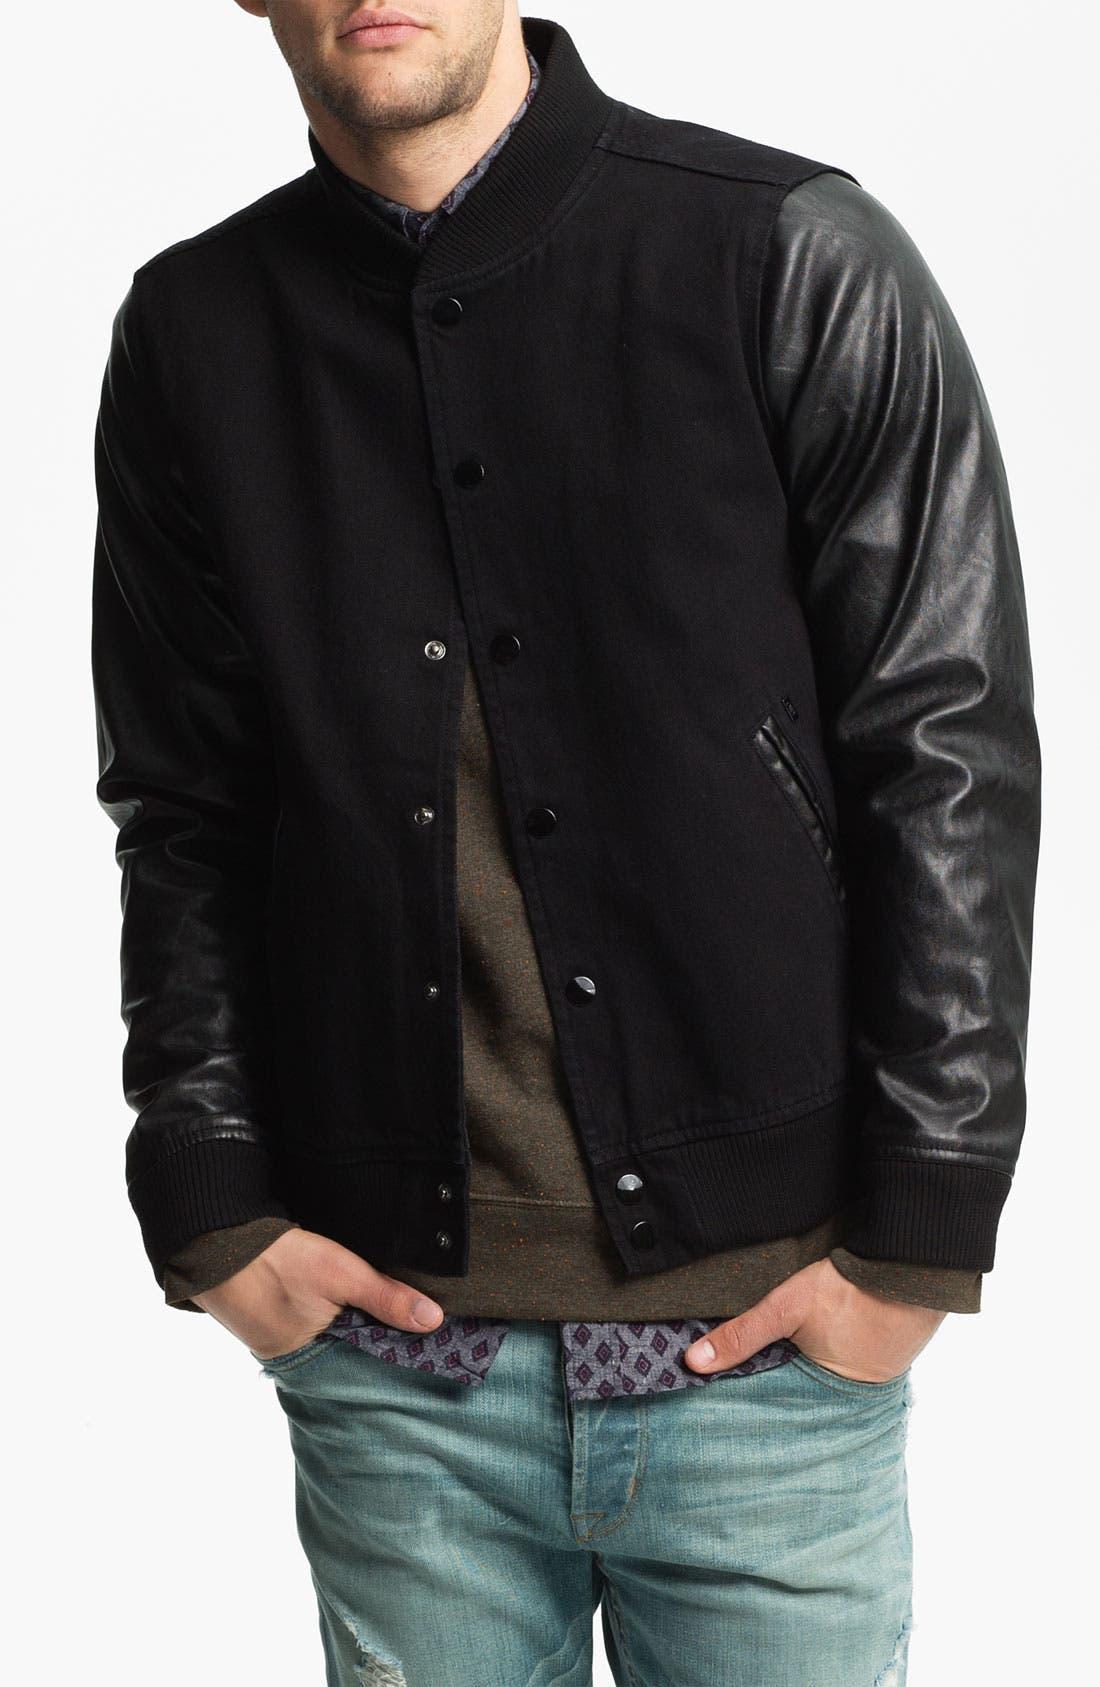 Main Image - Obey 'Youth' Varsity Jacket